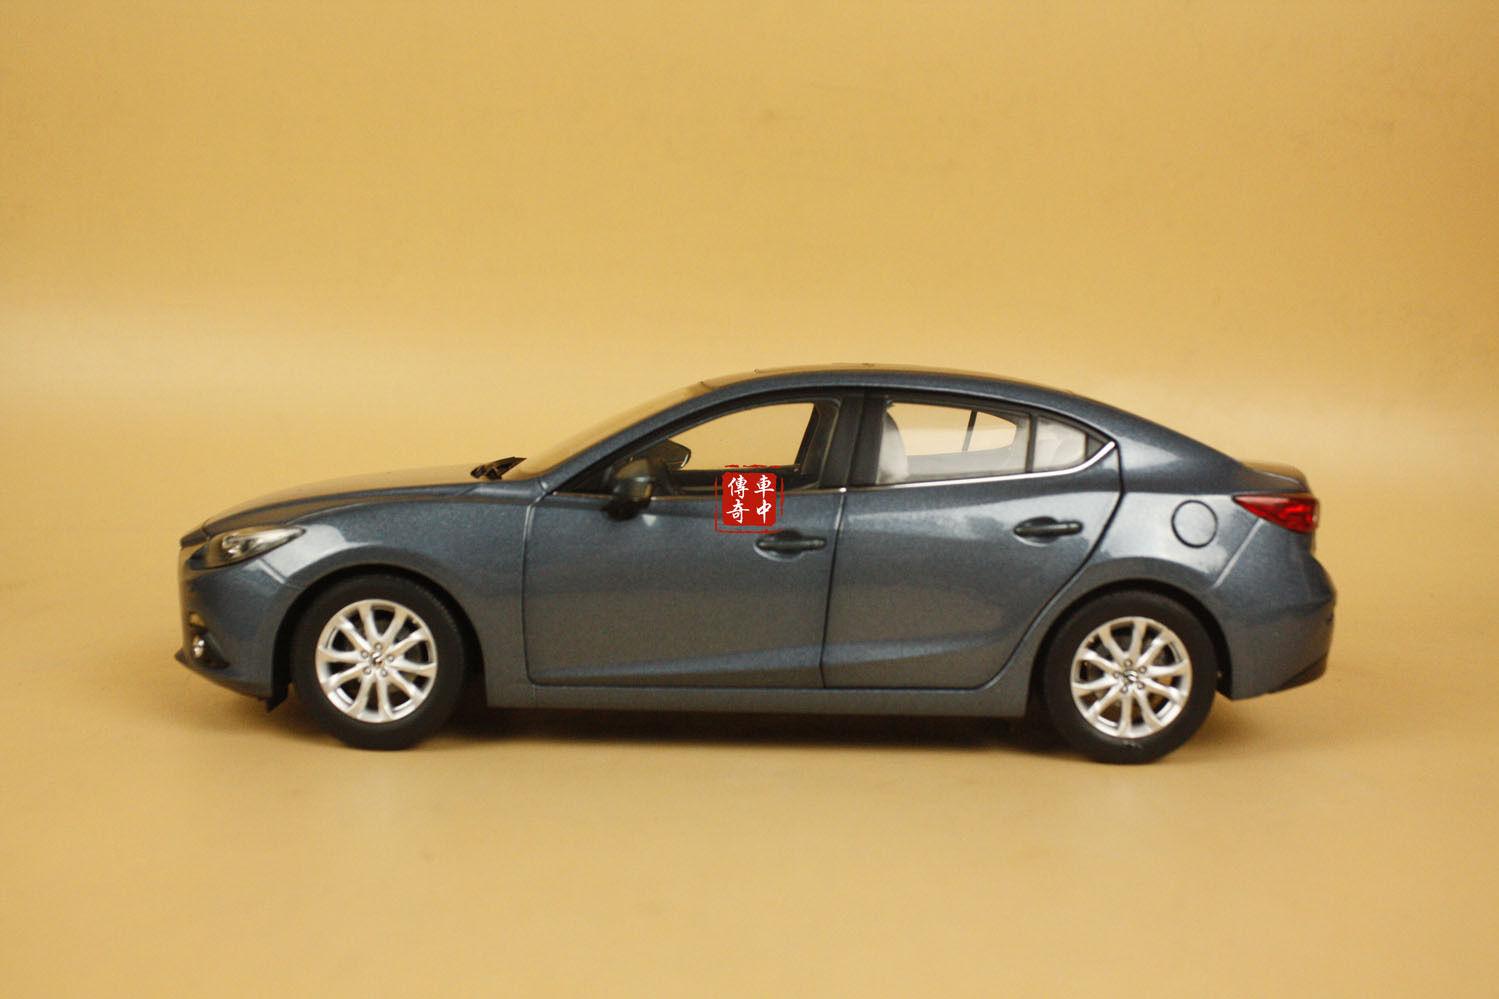 1 18 2014  neufs Mazda 3 Axela modèle couleur bleue + Cadeau  le dernier